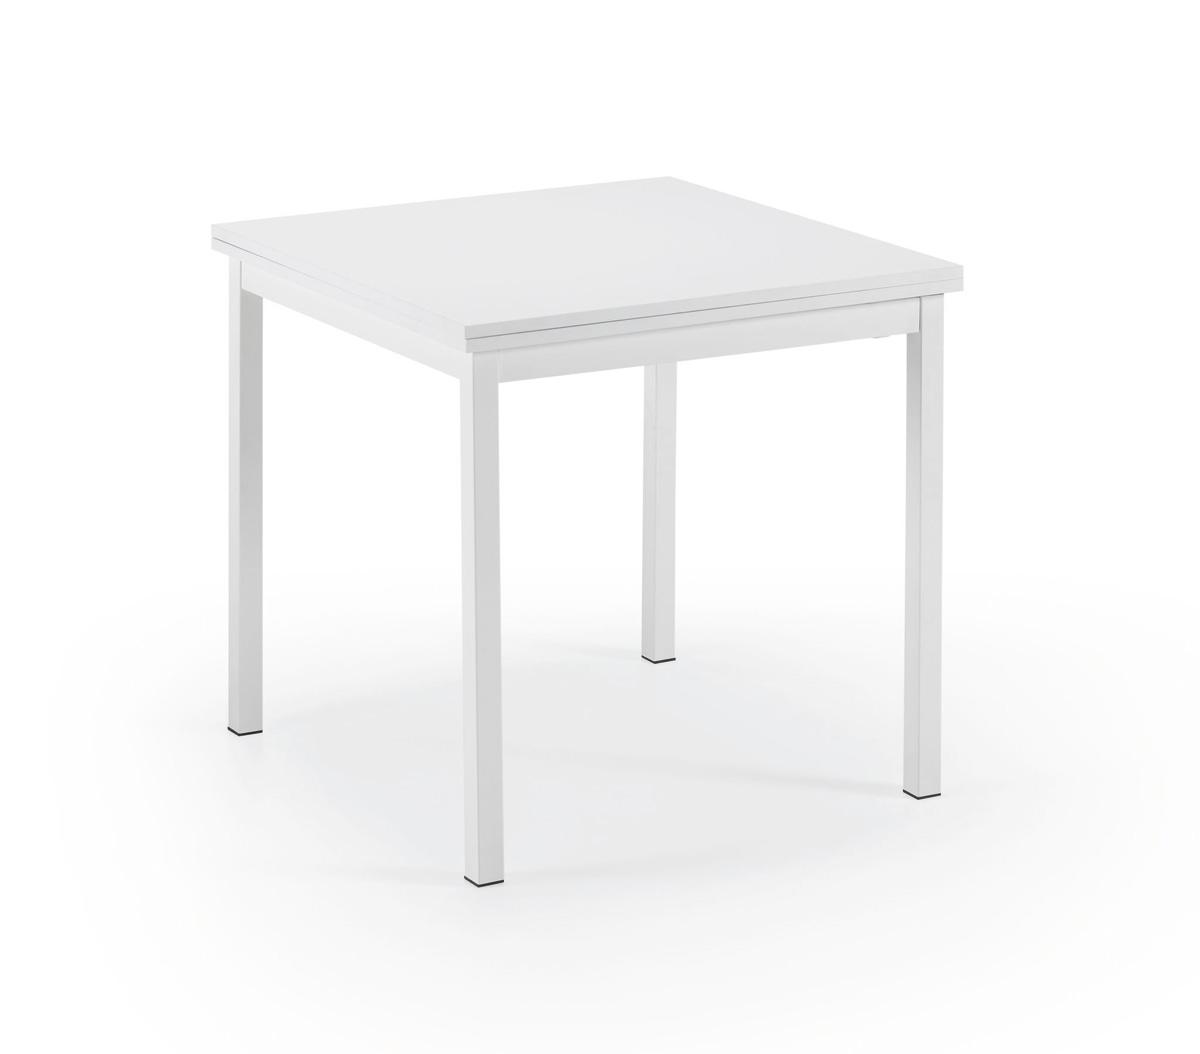 Mesa de cocina extensible cuadrada cocina y office mesas for Mesa cuadrada extensible